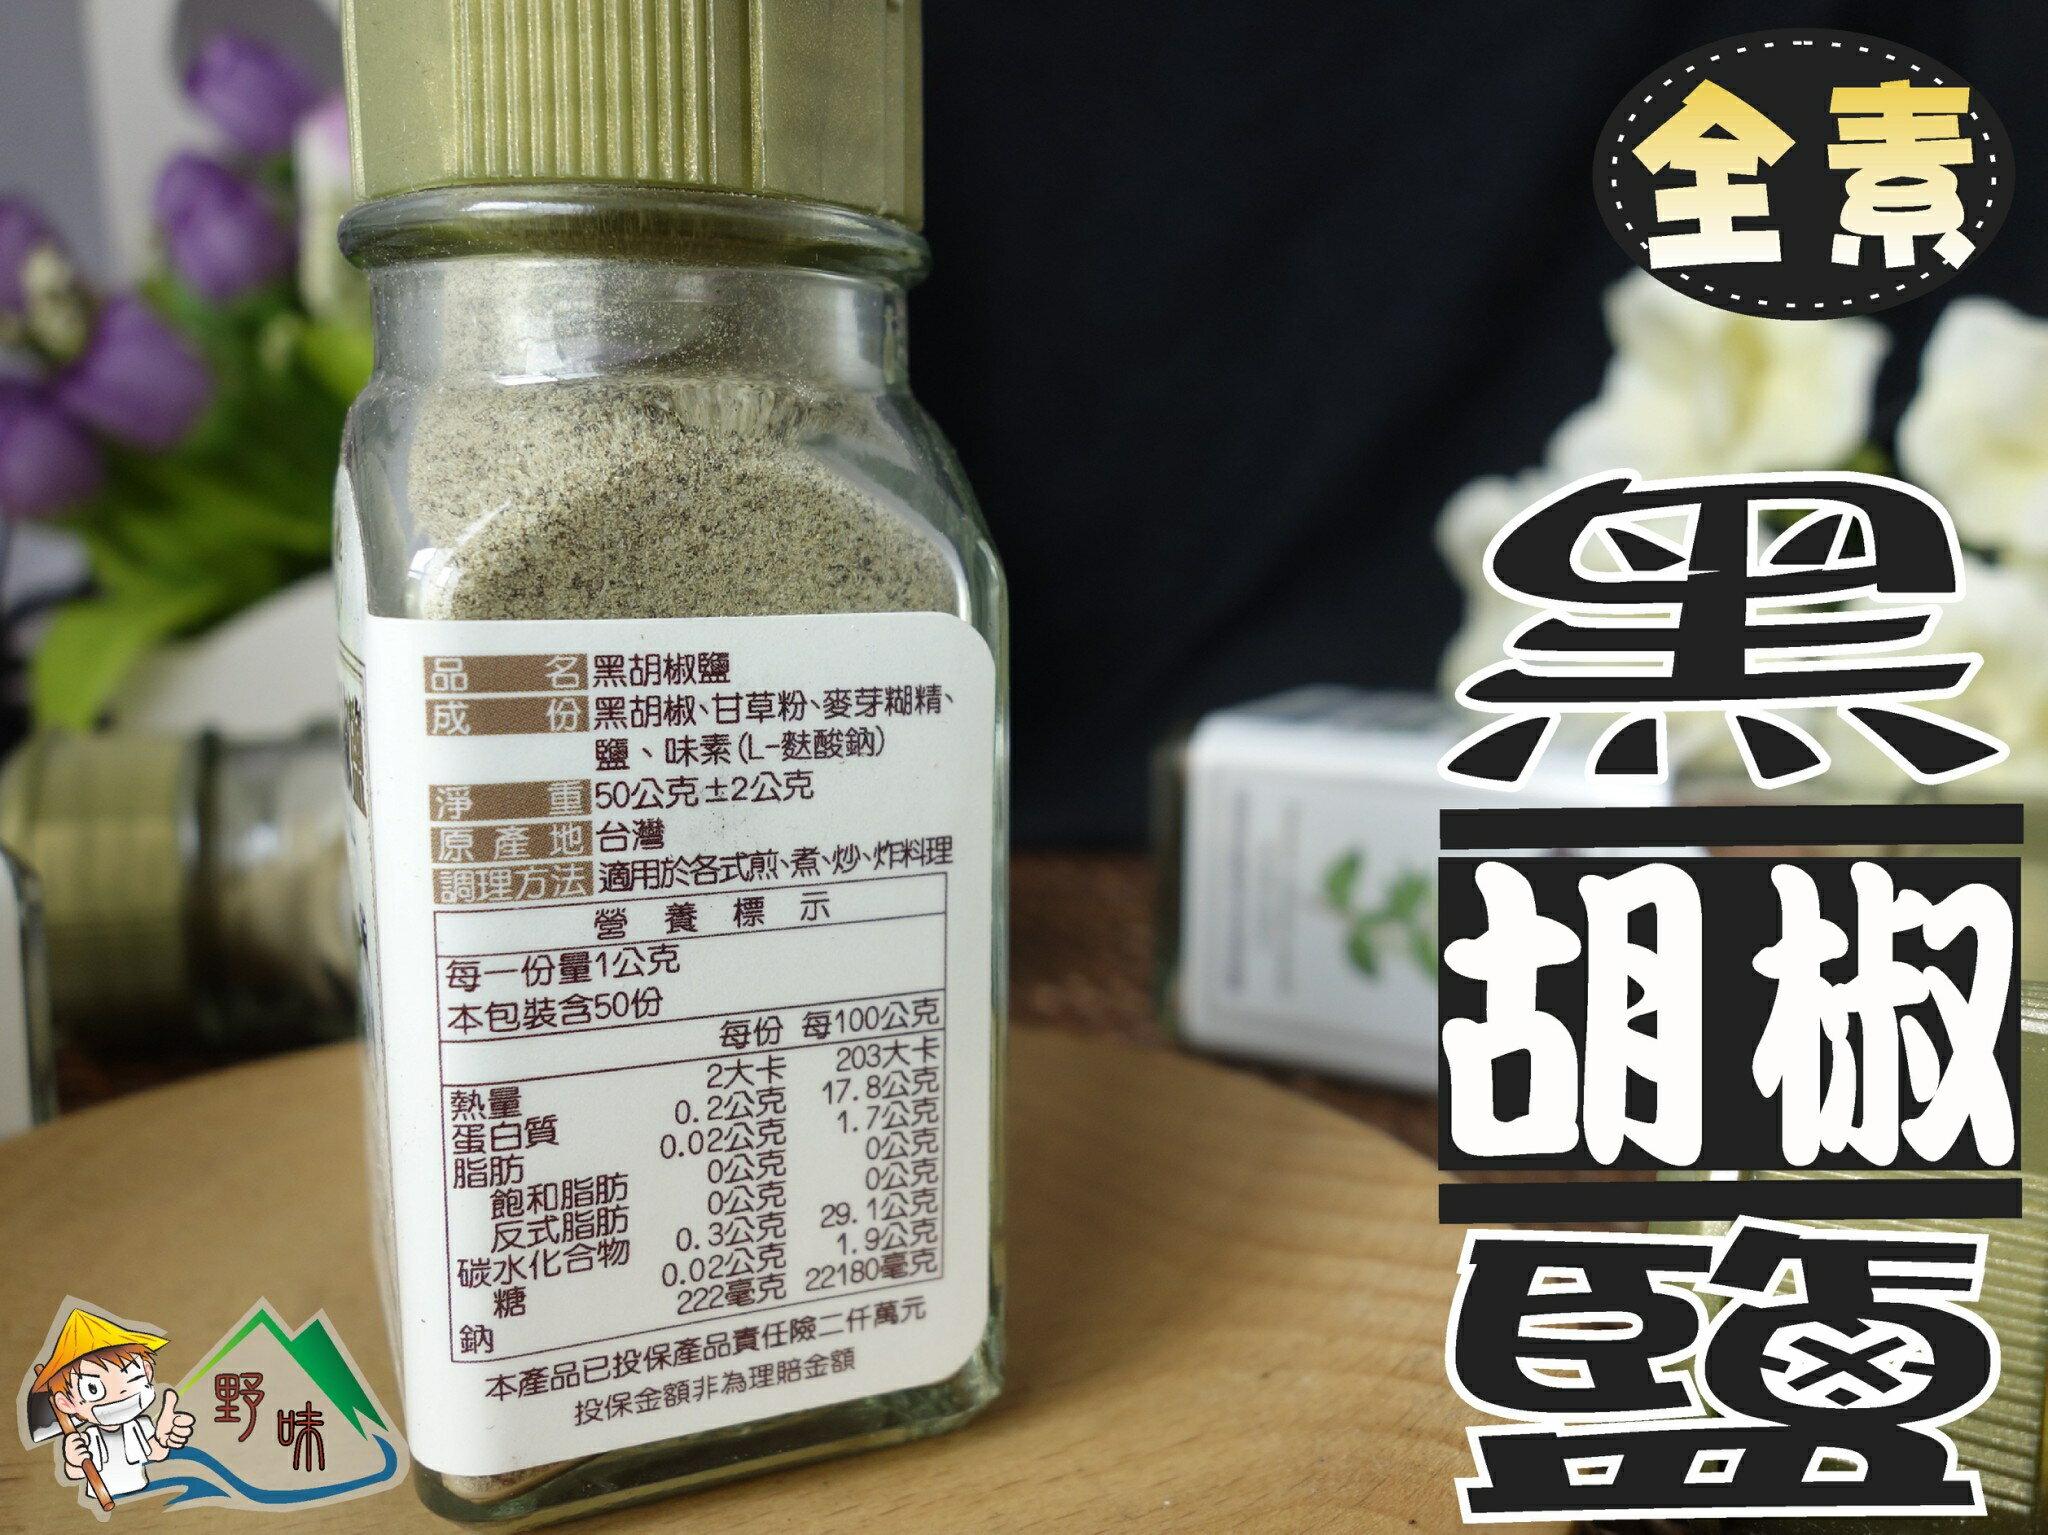 【野味食品】黑胡椒鹽(新光洋菜,全素,55g/瓶,600g/盒)